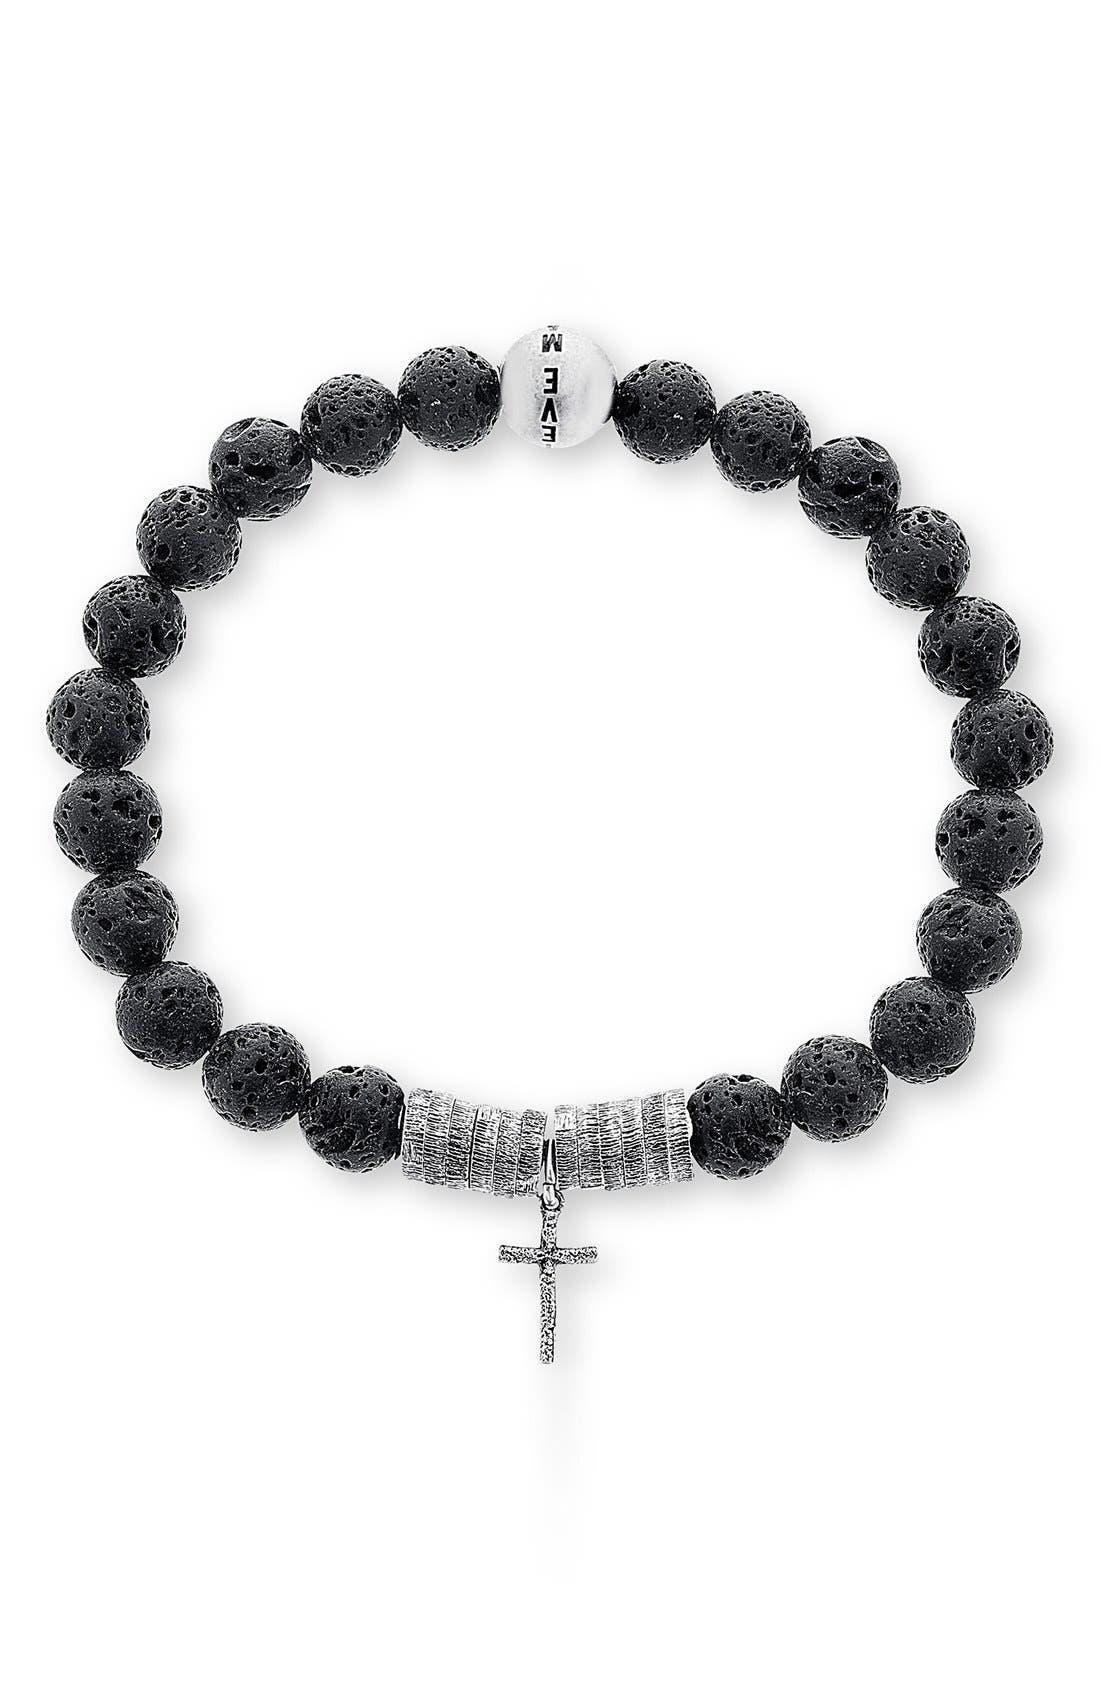 Lava Rock Bead Bracelet,                         Main,                         color, BLACK